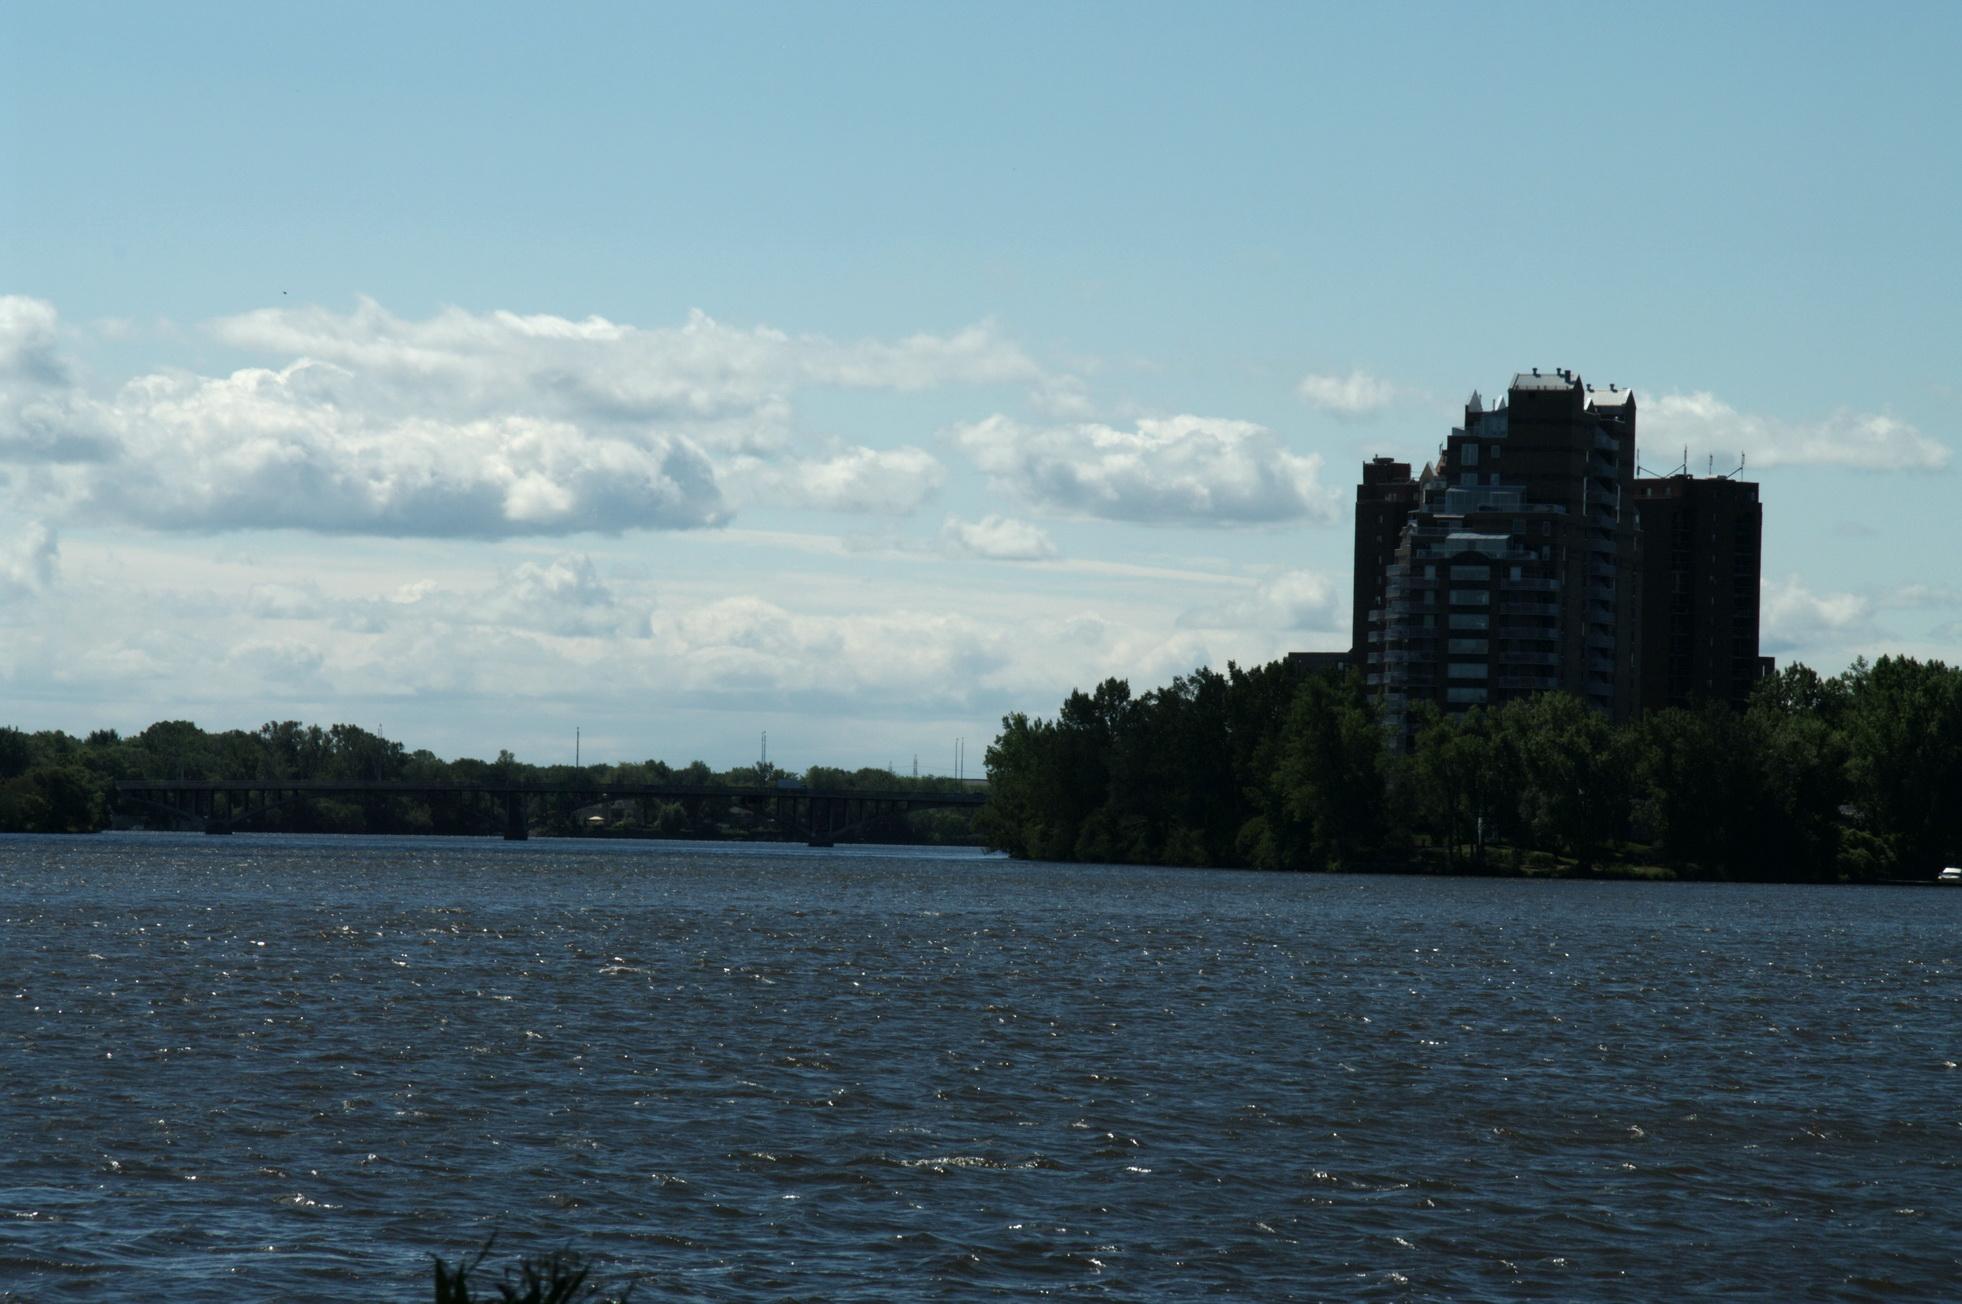 06 septembre 2009 les beaut s de montr al for Interieur etablissement de riviere des prairies